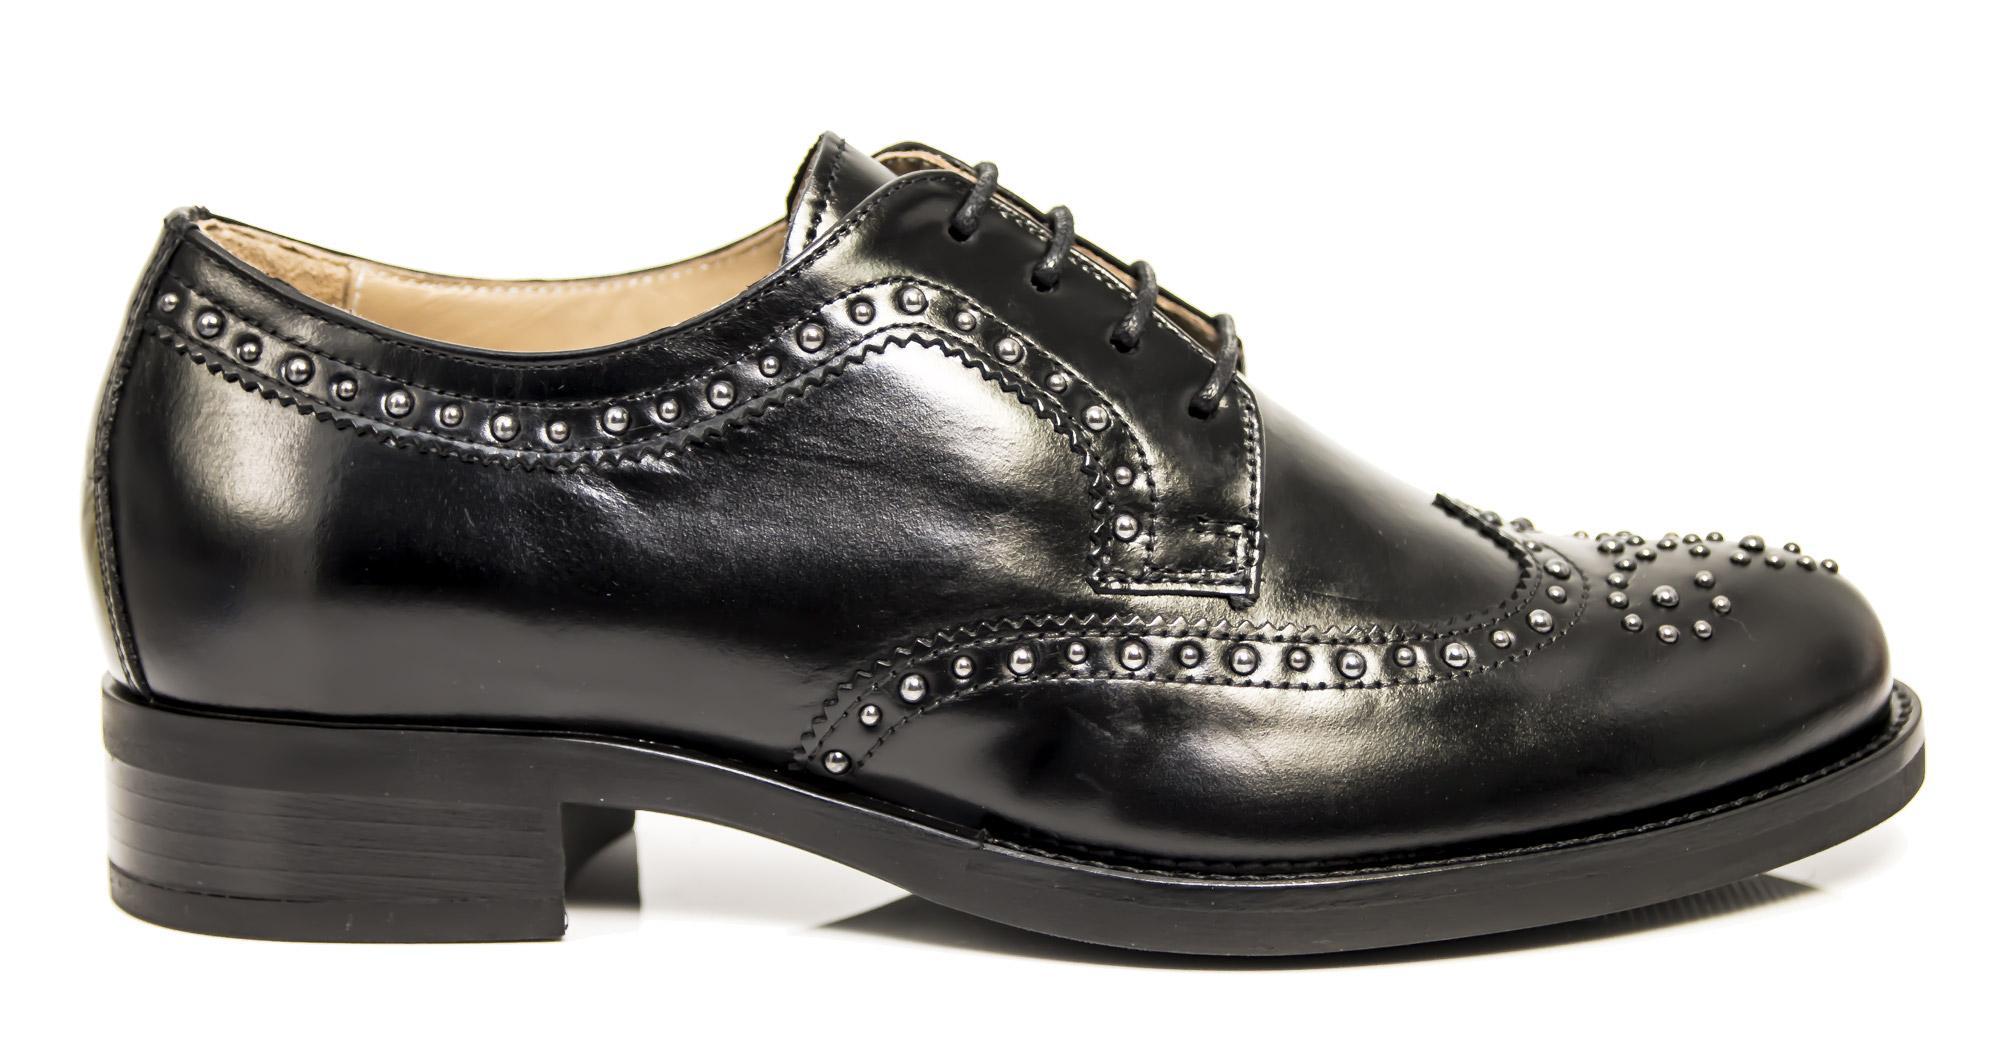 Francesine NeroGiardini A806344-100 6344 scarpe stringate donna con borchie b7da7b96f78